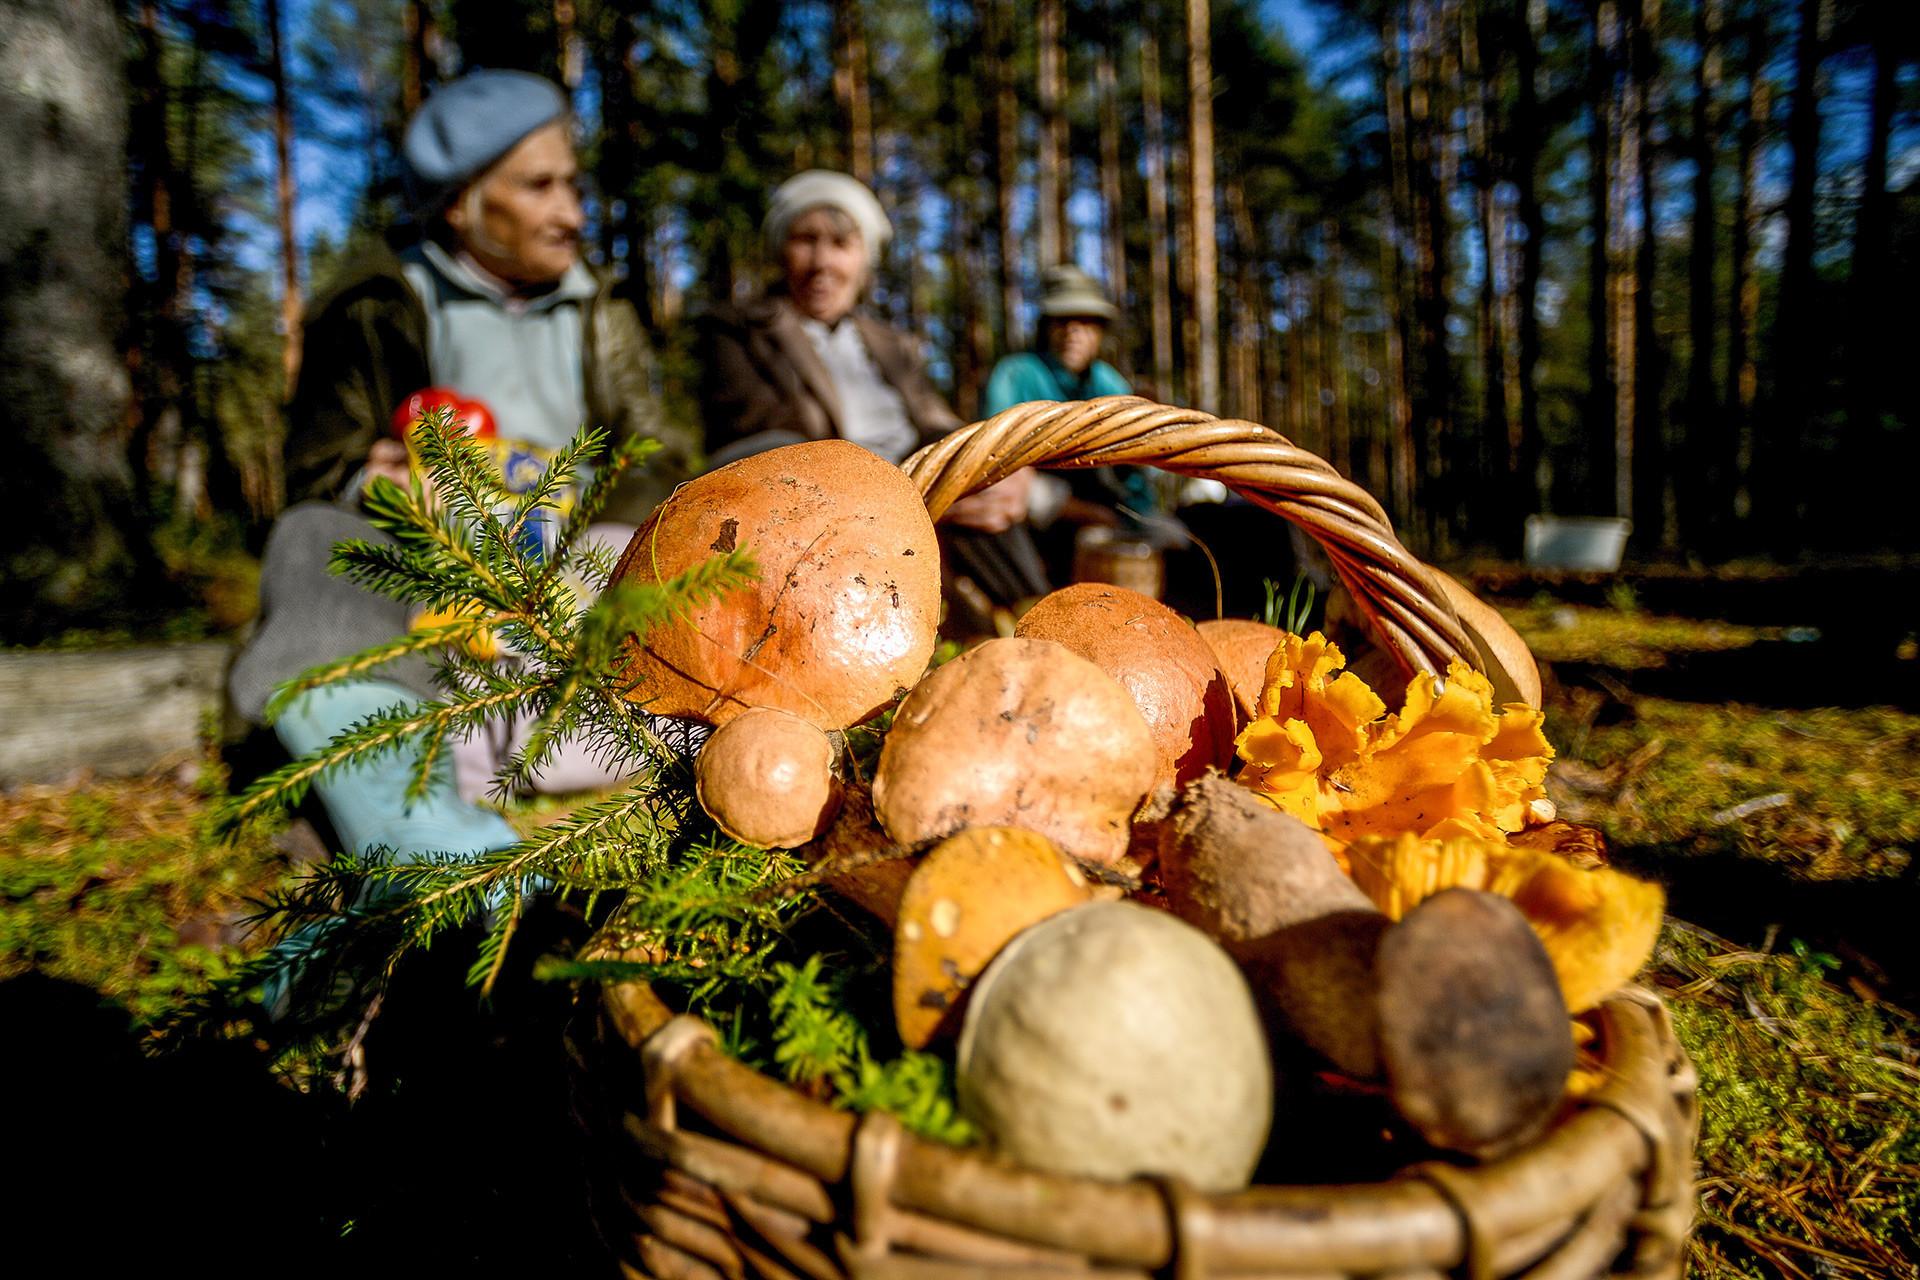 Ženička prodaja gobe v novgorodskem okrožju